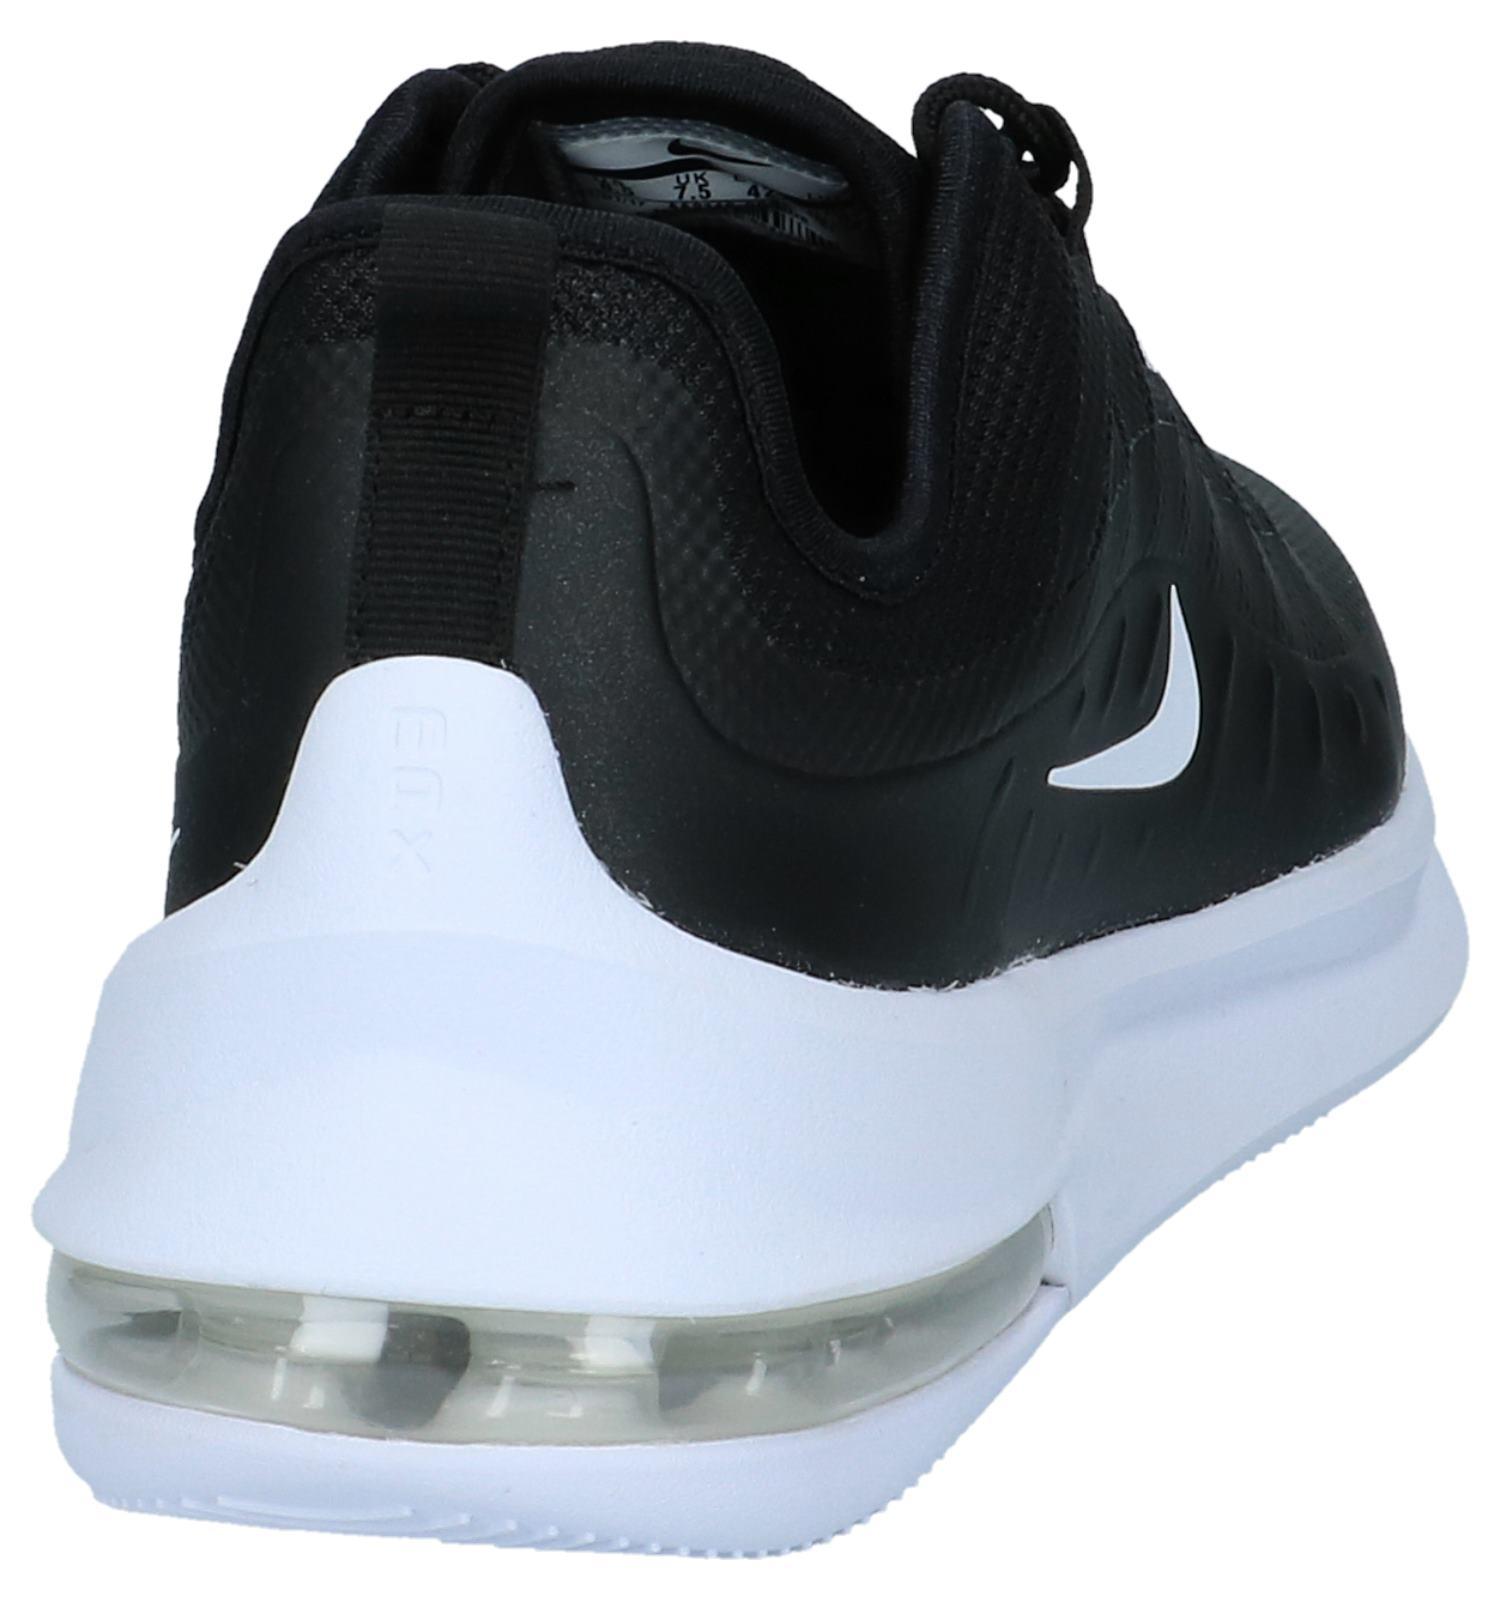 Axis Zwart Air Nike Max Sneakers Jl1ucTK3F